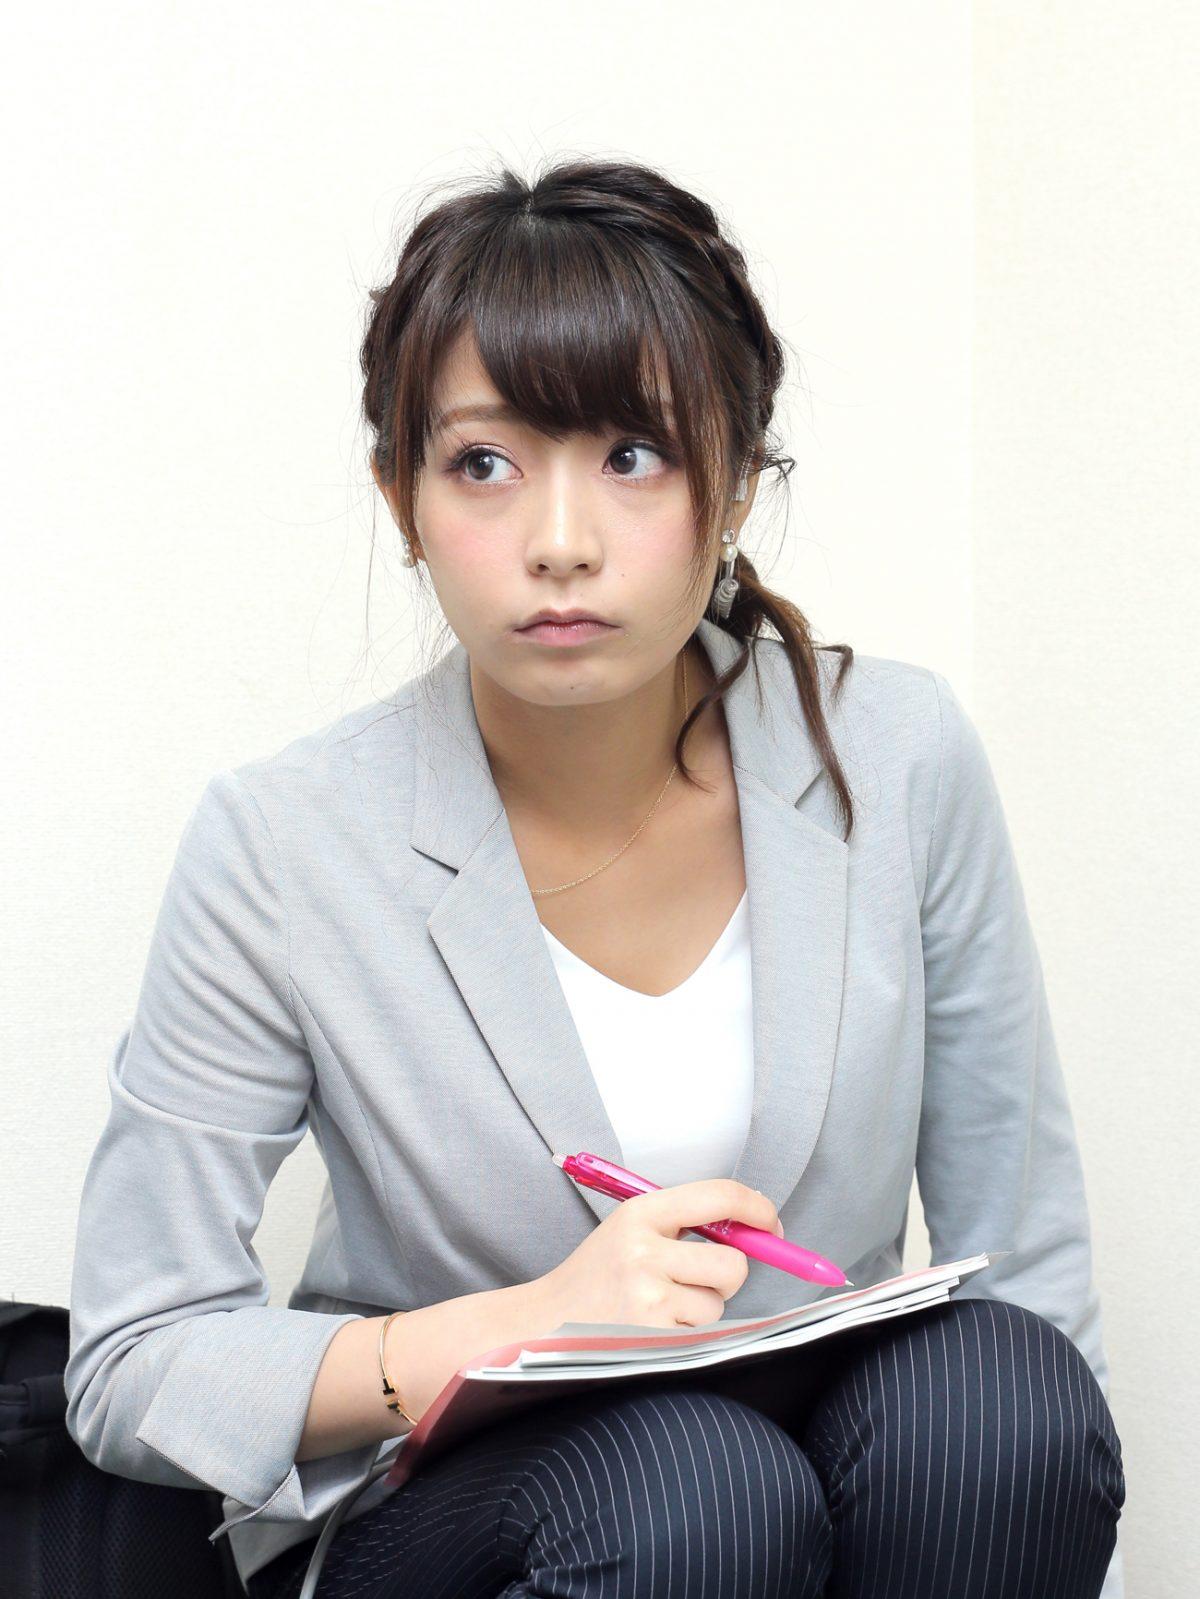 TBS・宇垣美里アナの裏の顔? やらかしちゃった過去とは?